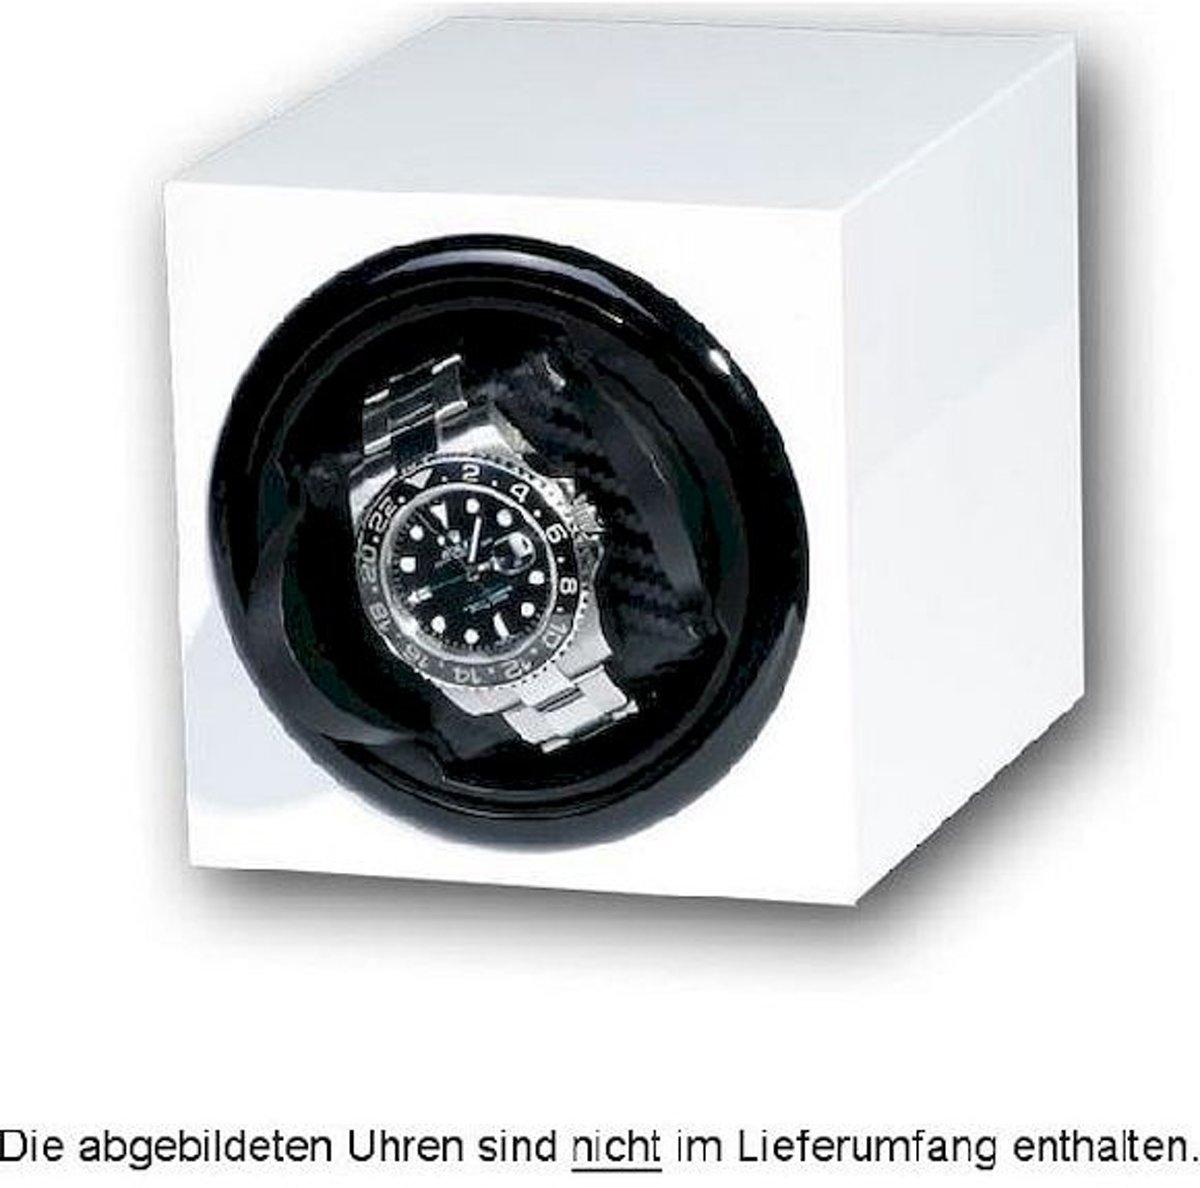 Portax Watchwinder Prismo 1 Uhr Klavierlack weiß 1002370 kopen